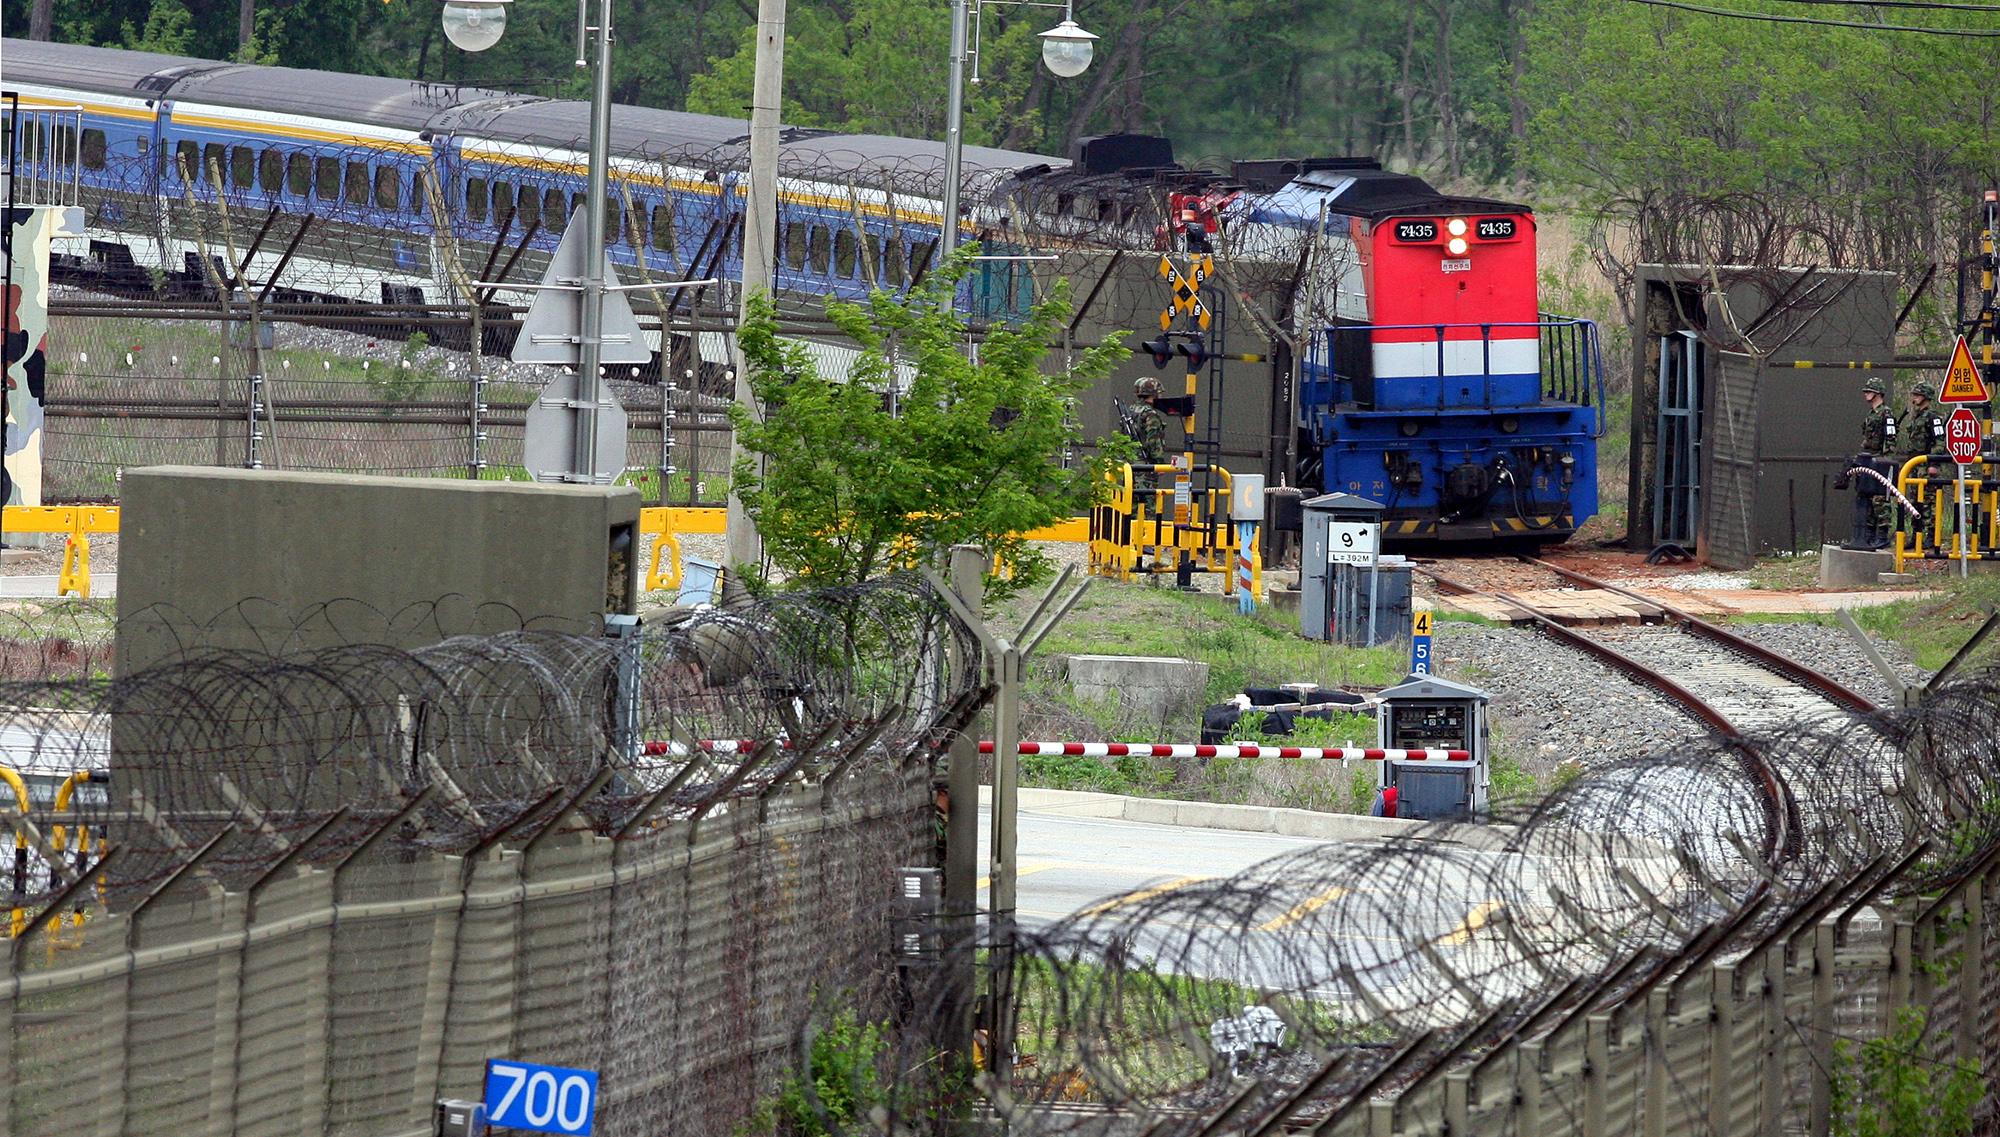 [뉴스분석]남북 철도 연결이 현대화 뜻한다면 연내 정식 착공은 어려워